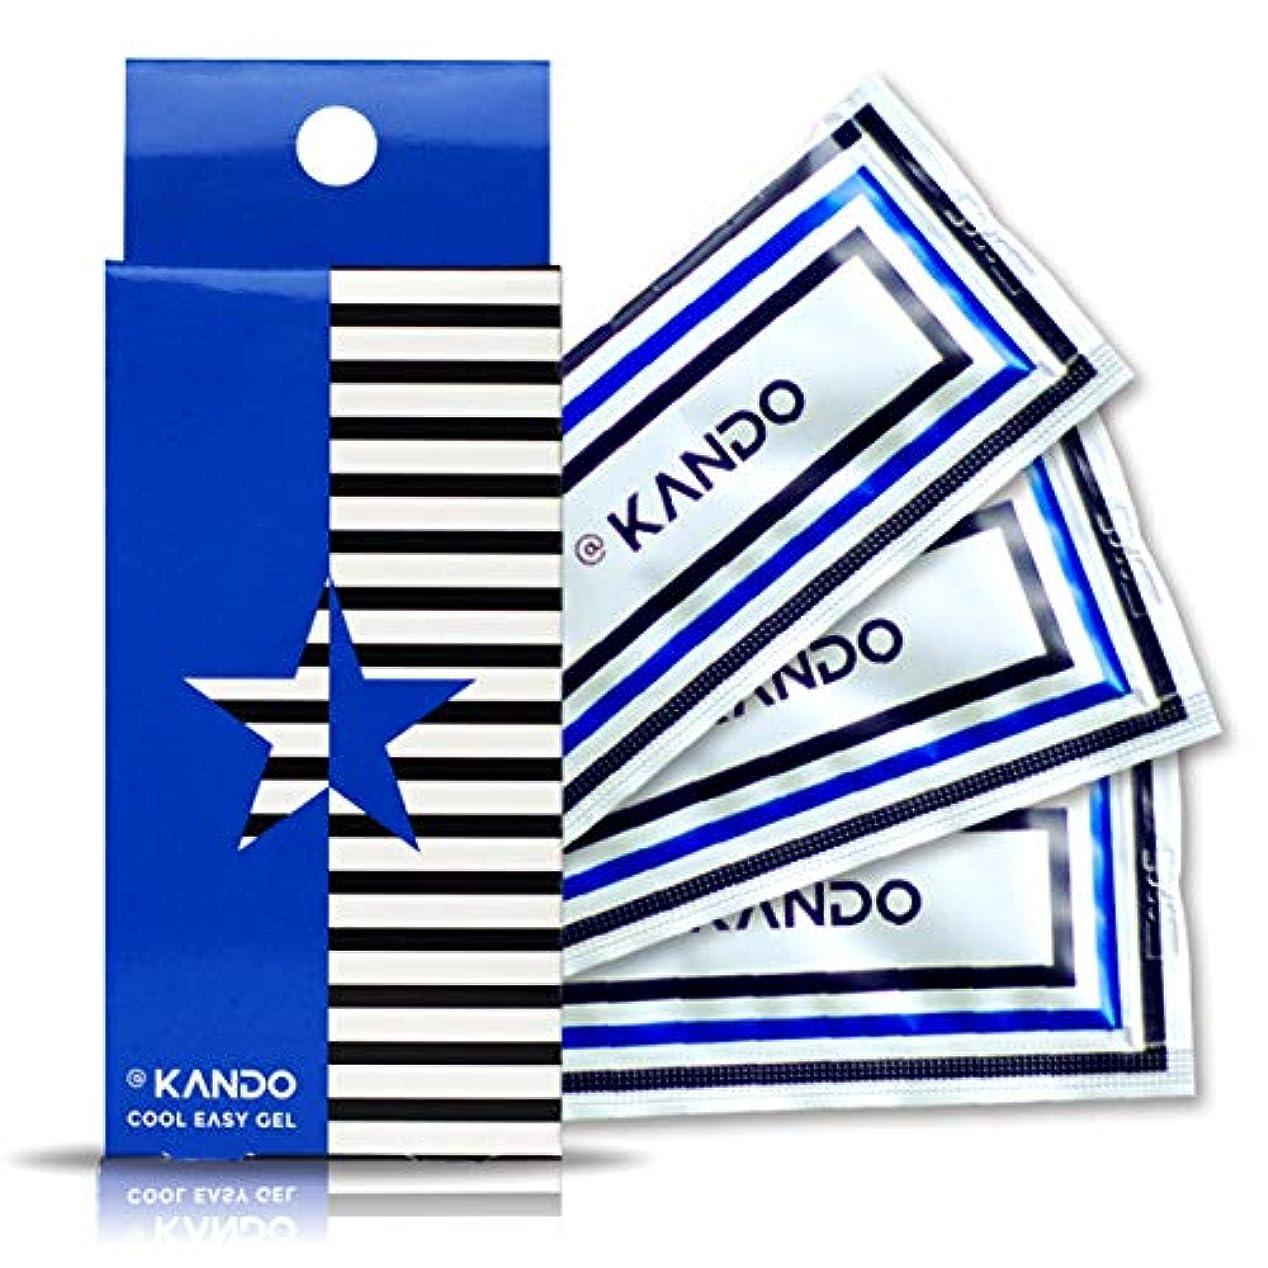 影響ほかにテンポ@KANDO アットカンドクールイージージェル(ボディマッサージジェル)5g×3包入 冷感タイプ